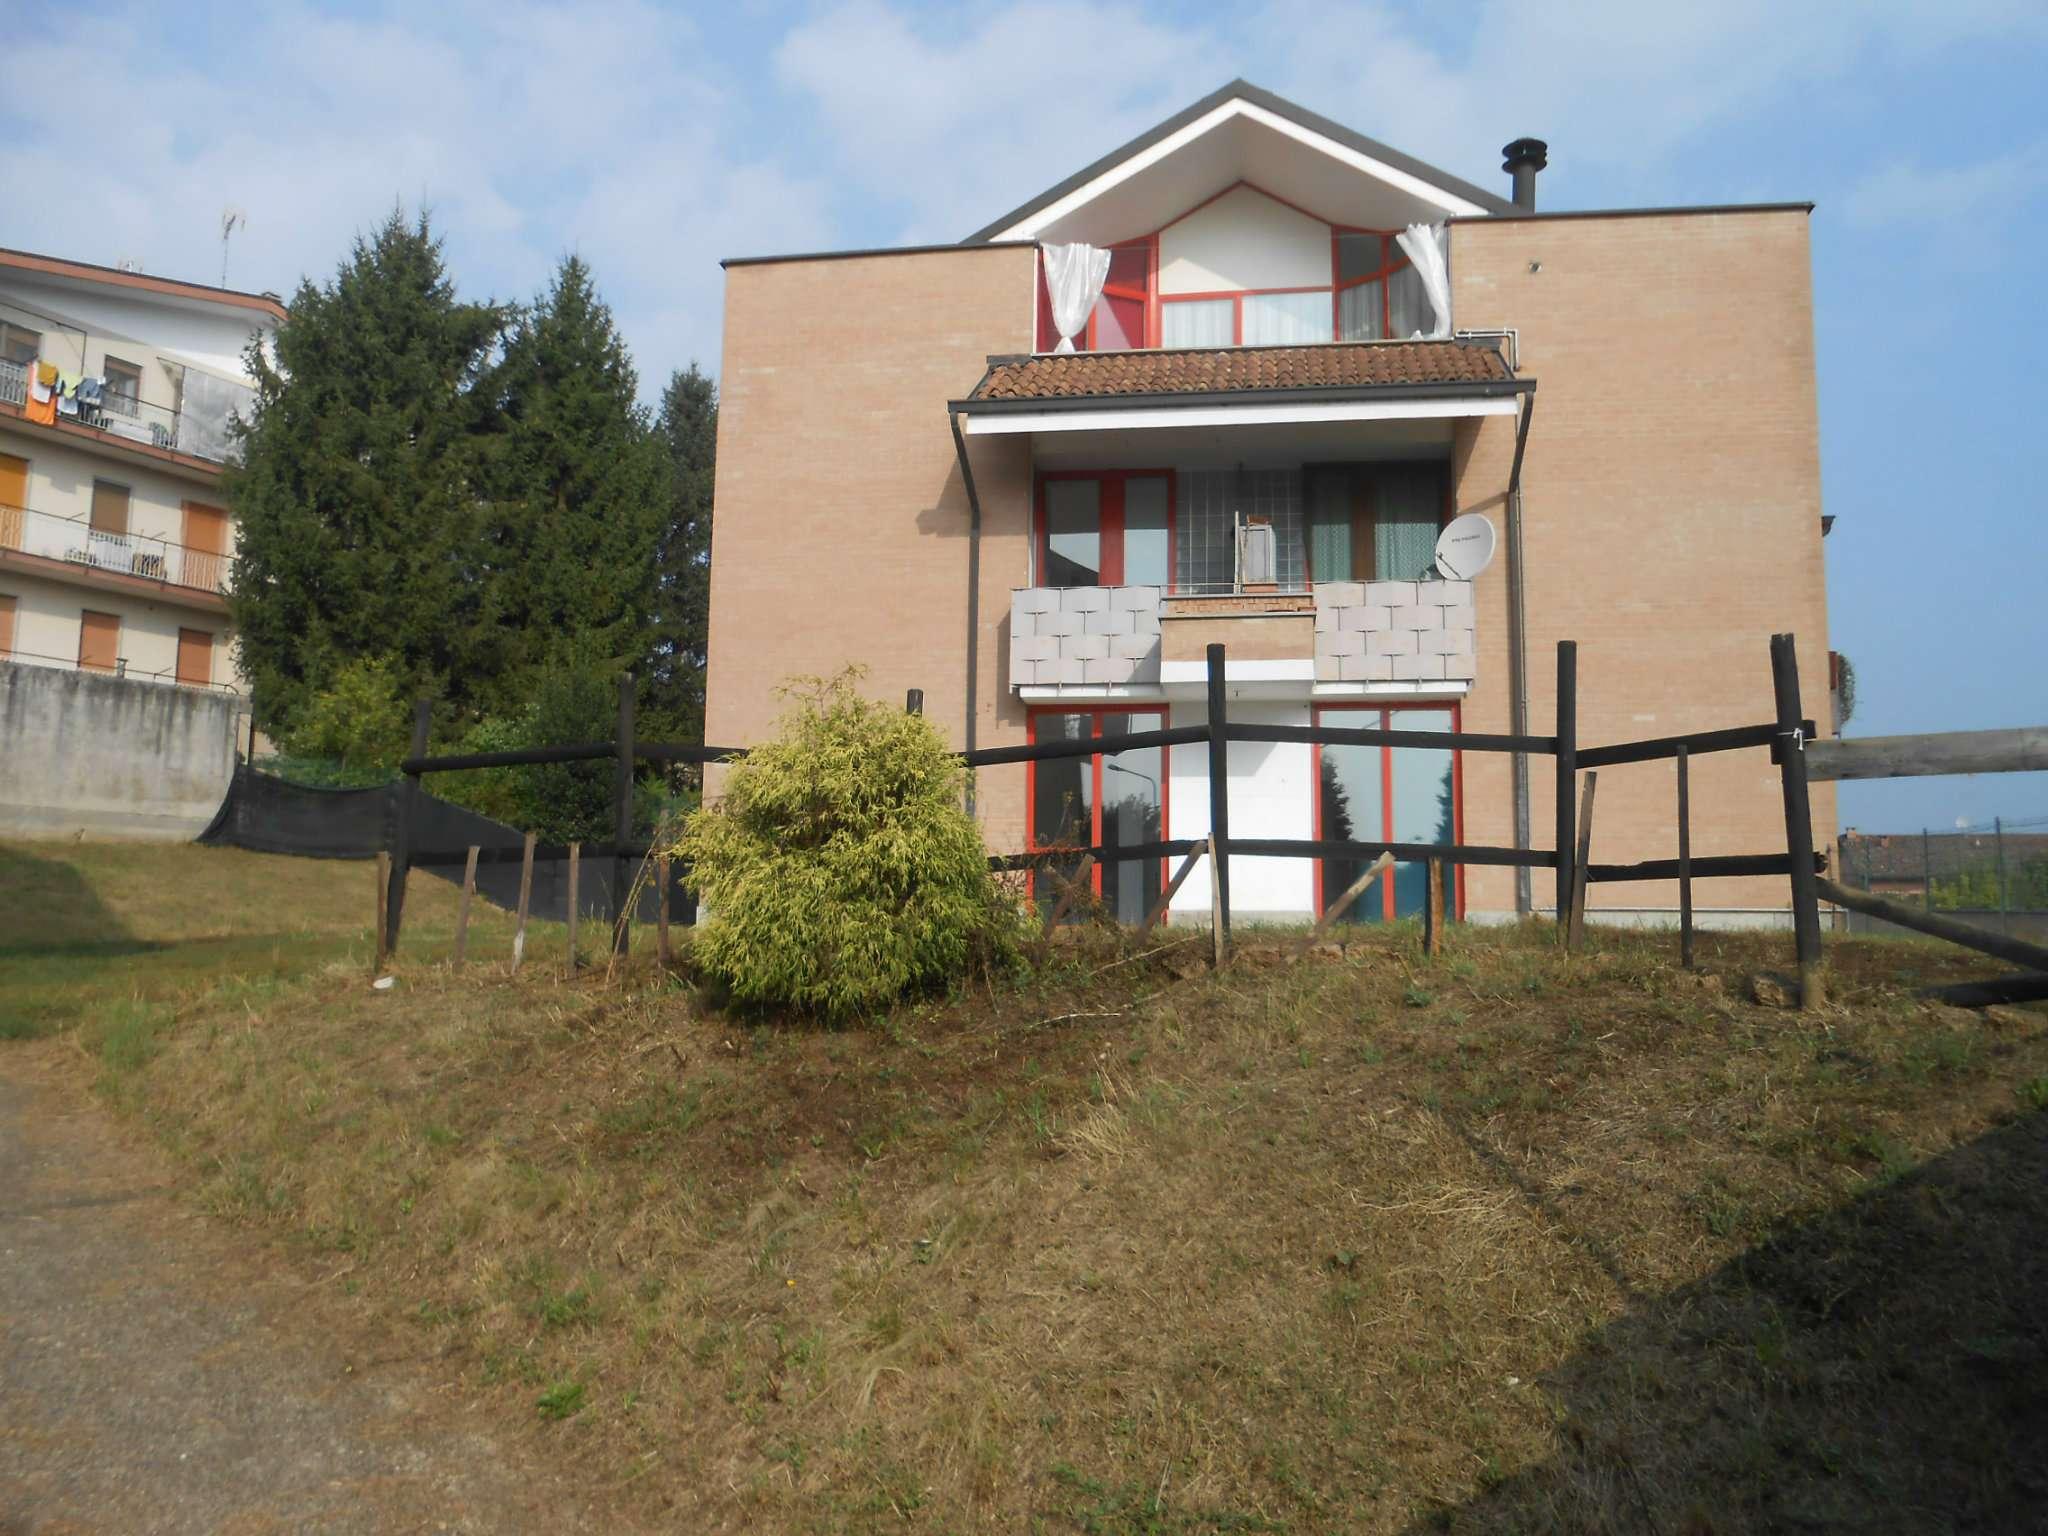 Castelnuovo centro - Appartamento con giardino.